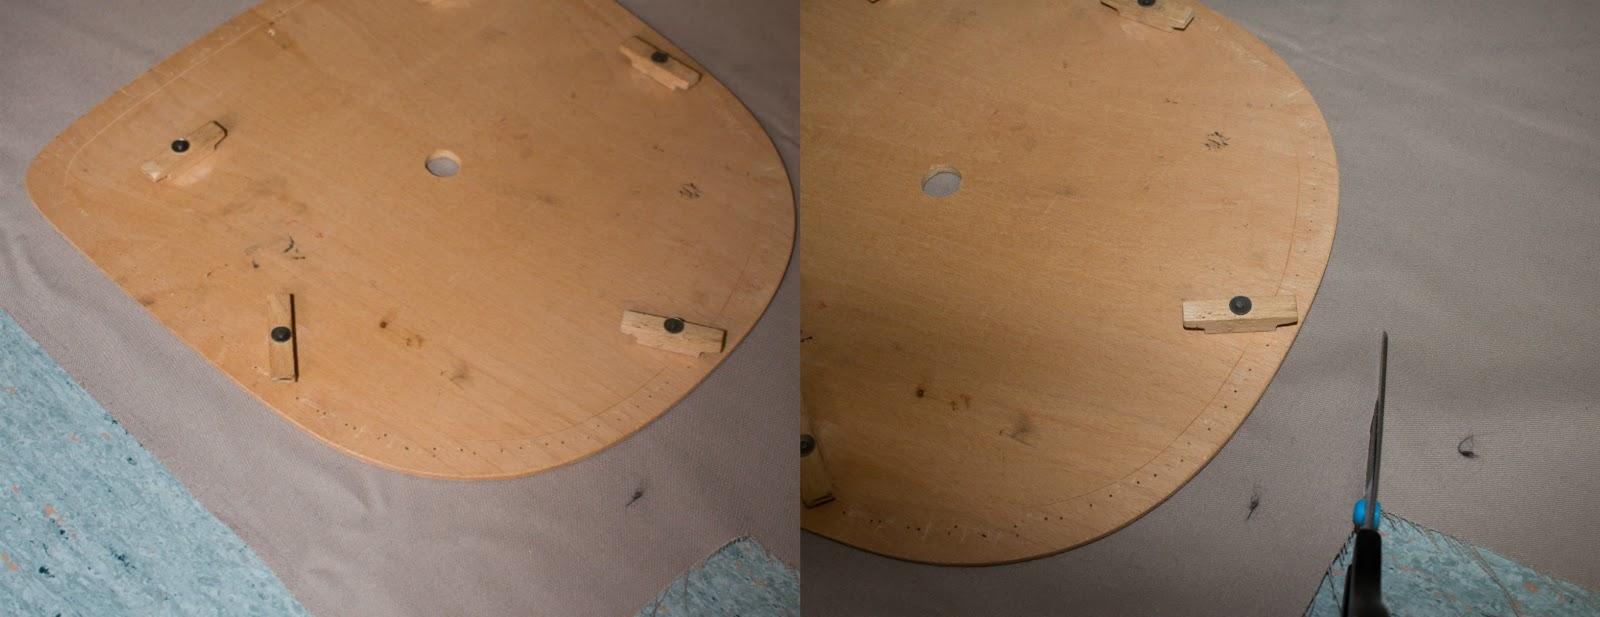 stuhl polstern lassen cheap diy anleitung stuhl neu beziehen with stuhl polstern lassen sofa. Black Bedroom Furniture Sets. Home Design Ideas